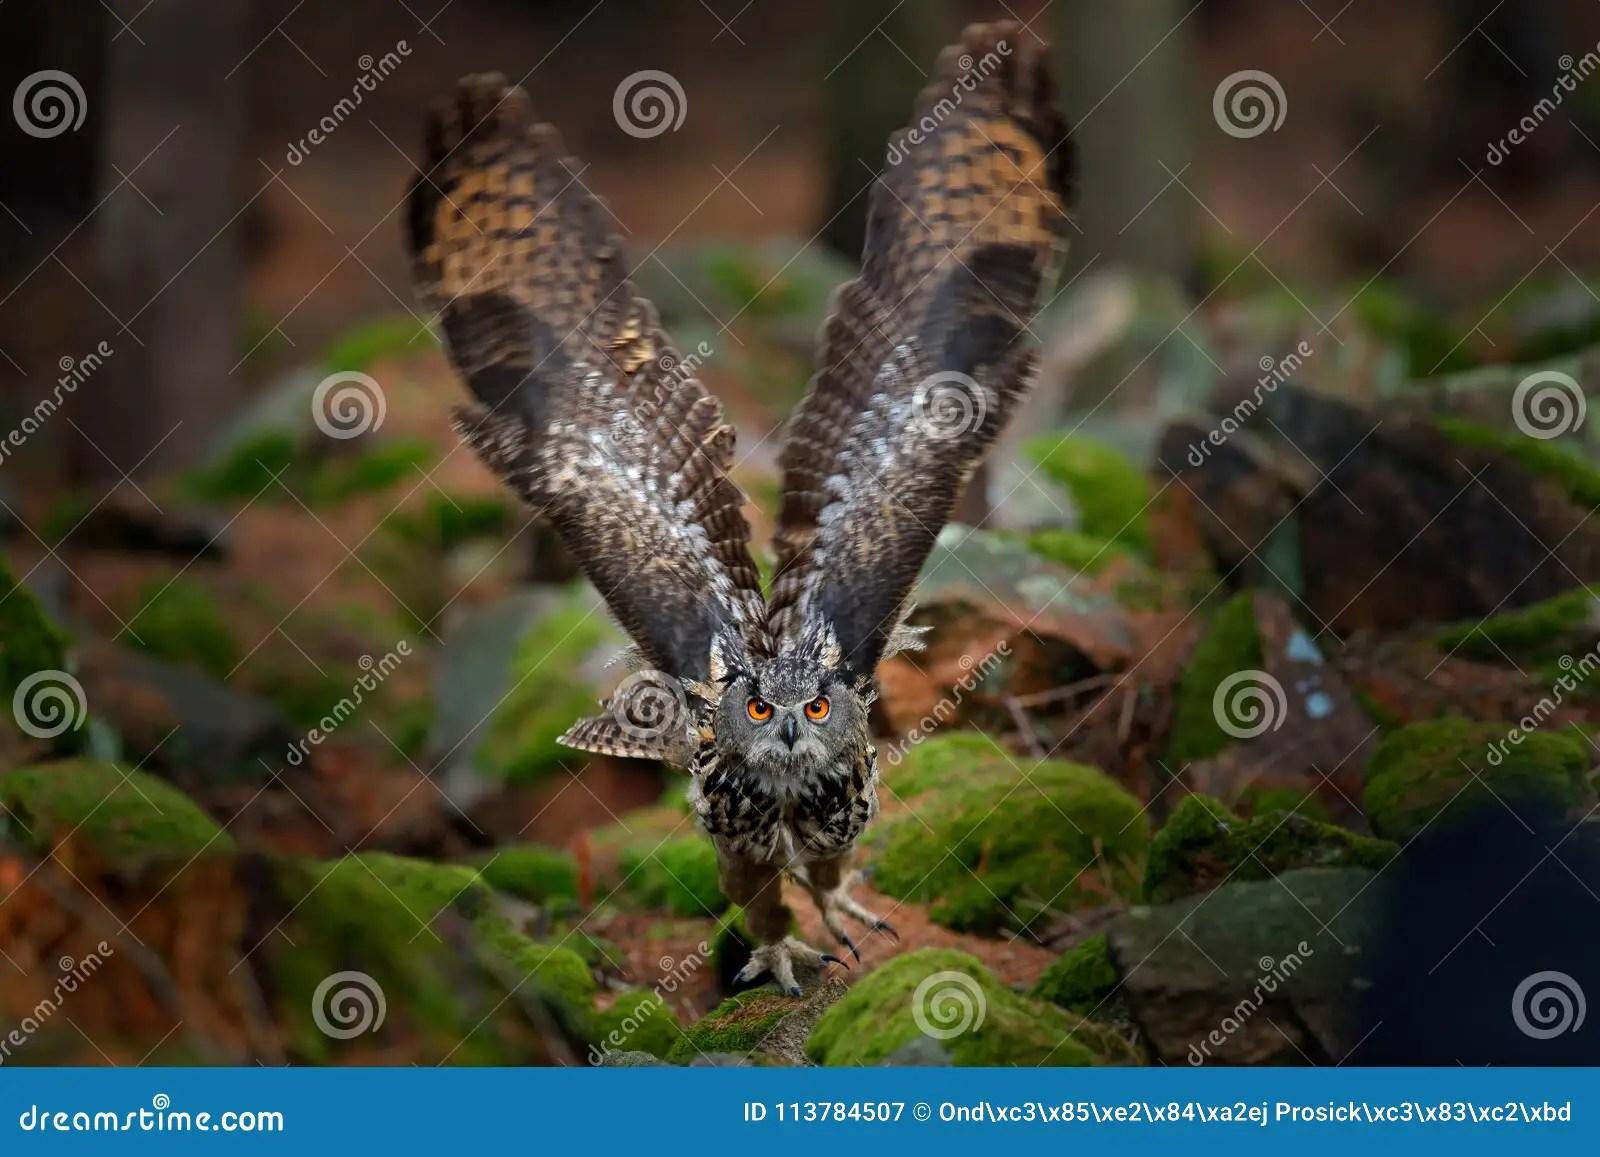 Owl In Forest Habitat Stone Hill Flying Eurasian Eagle